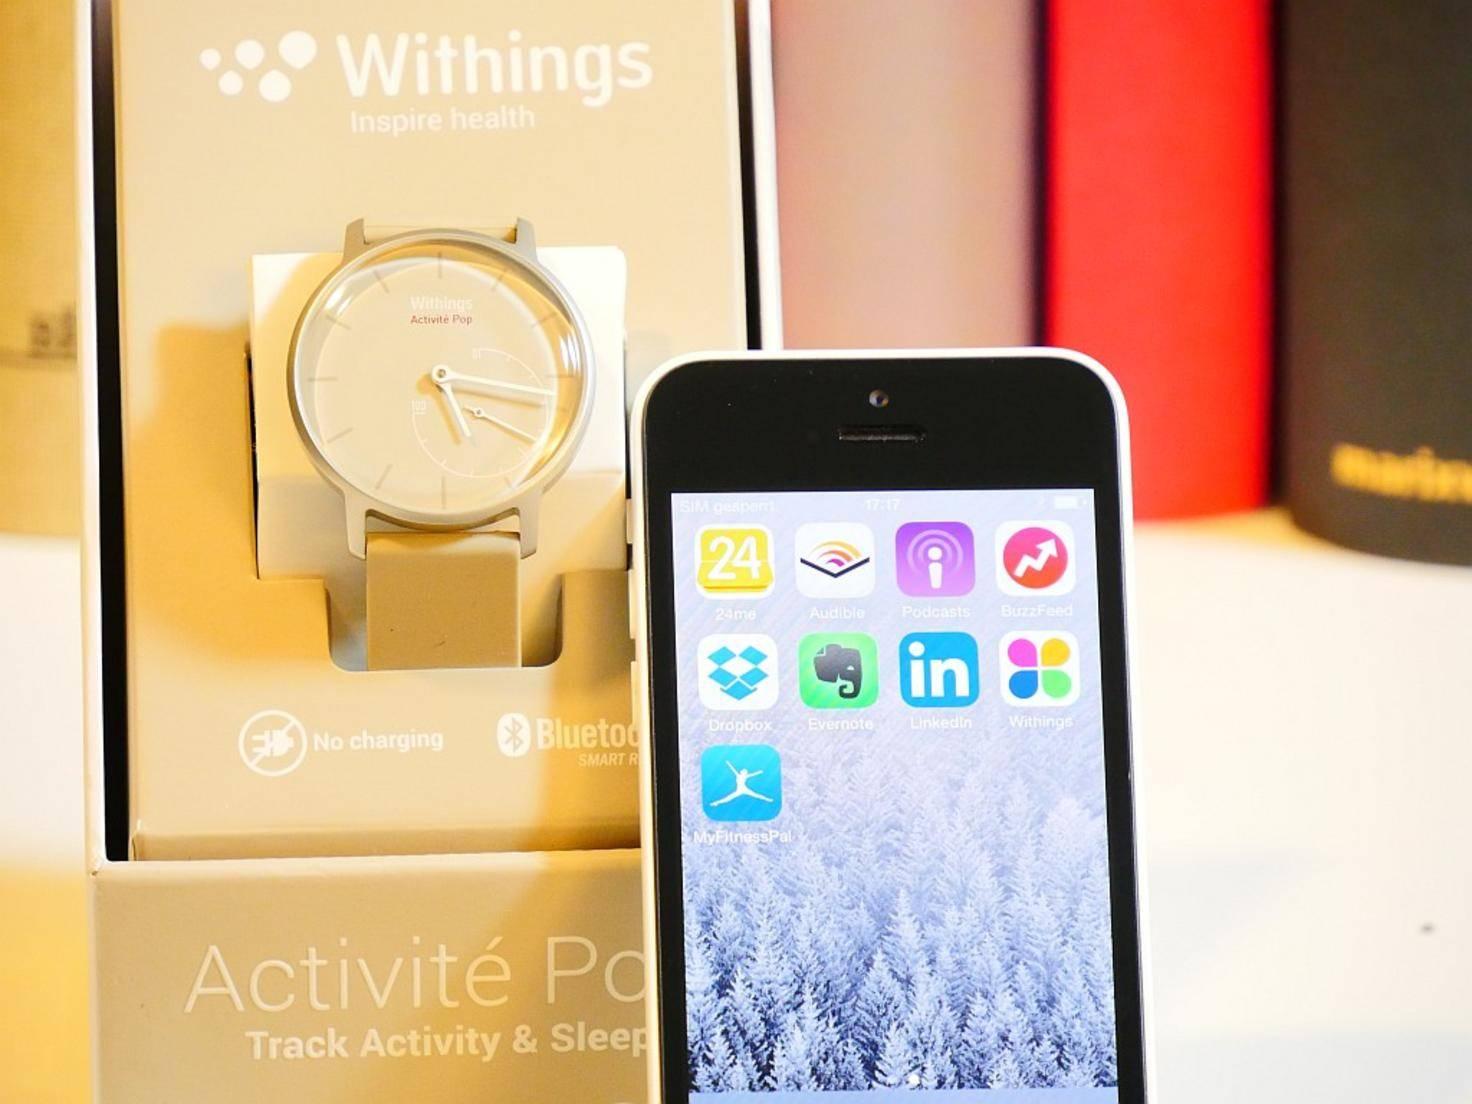 Für die Aktivierung der Uhr sind ein iPhone und die Withings Health Mate App nötig.